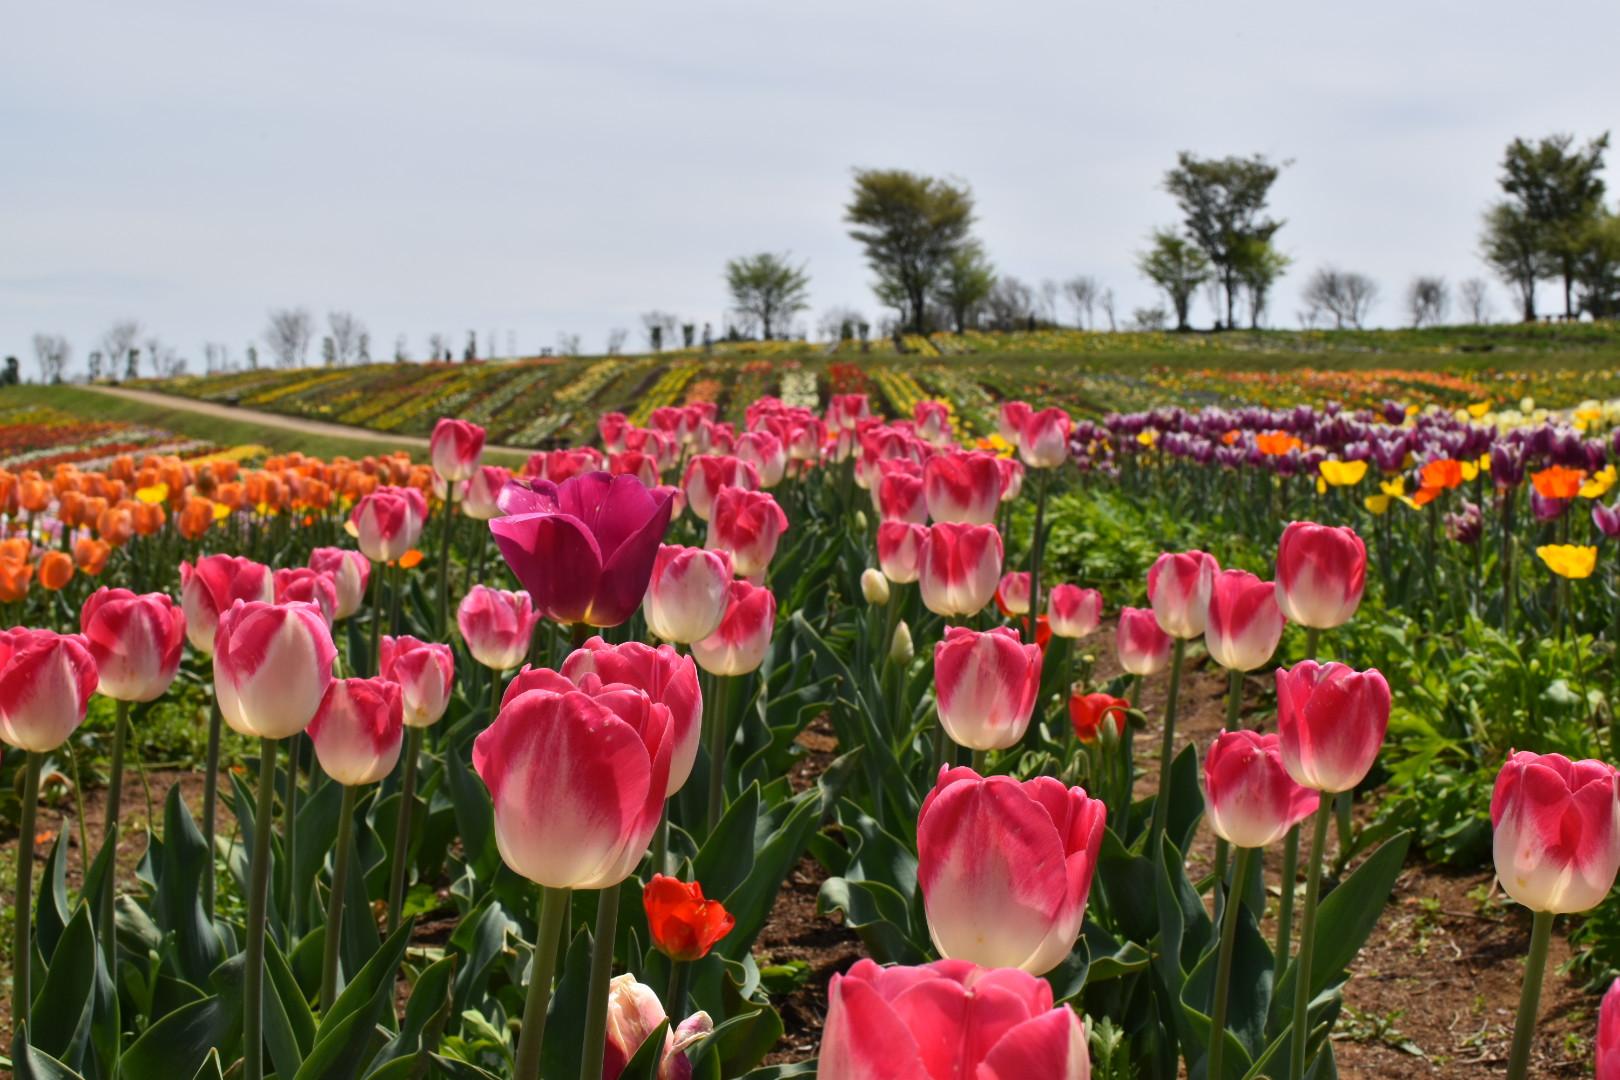 「那須フラワーワールド」では、春から秋にかけて季節の美しい花景色が楽しめます。(車で約5分)